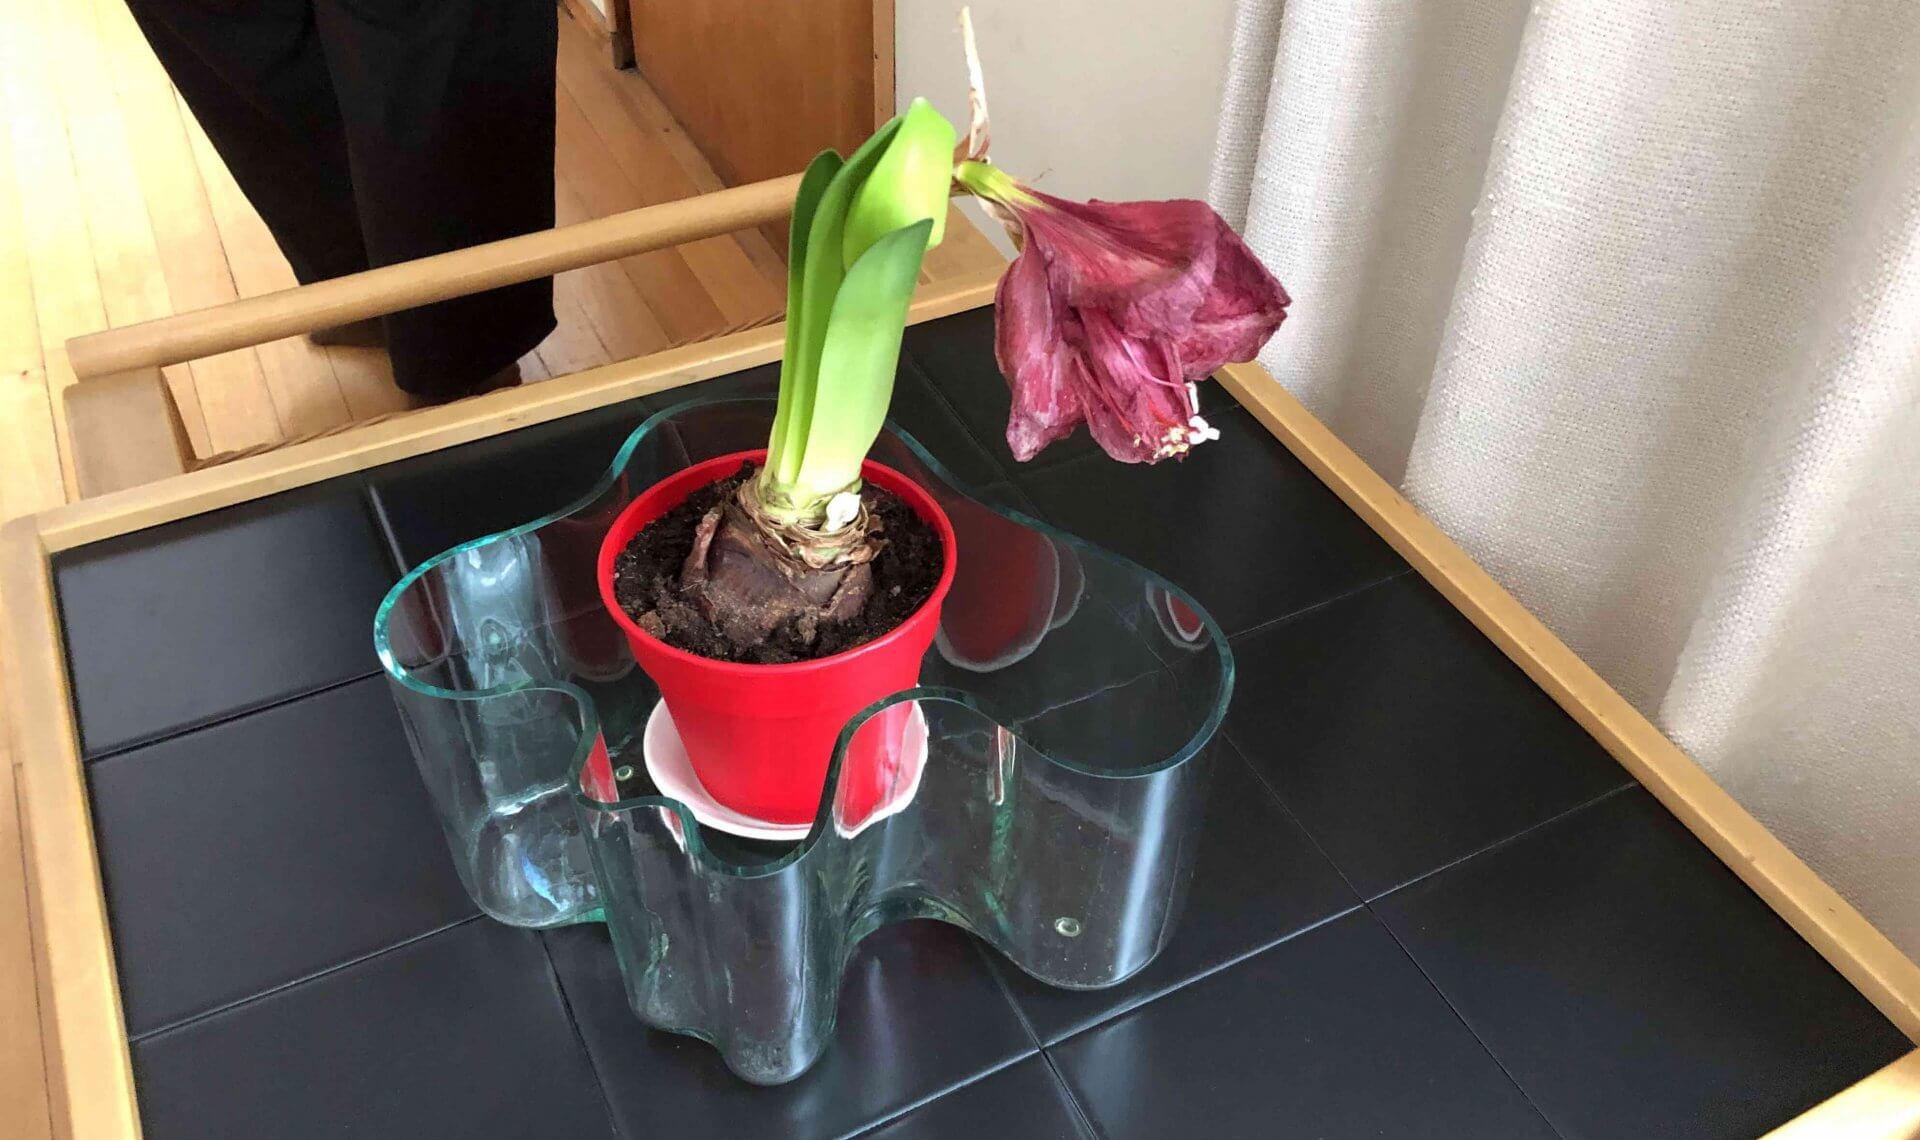 アアルト自邸のリビングには自身がデザインしたイッタラのアアルトベースの中に花が飾られていた